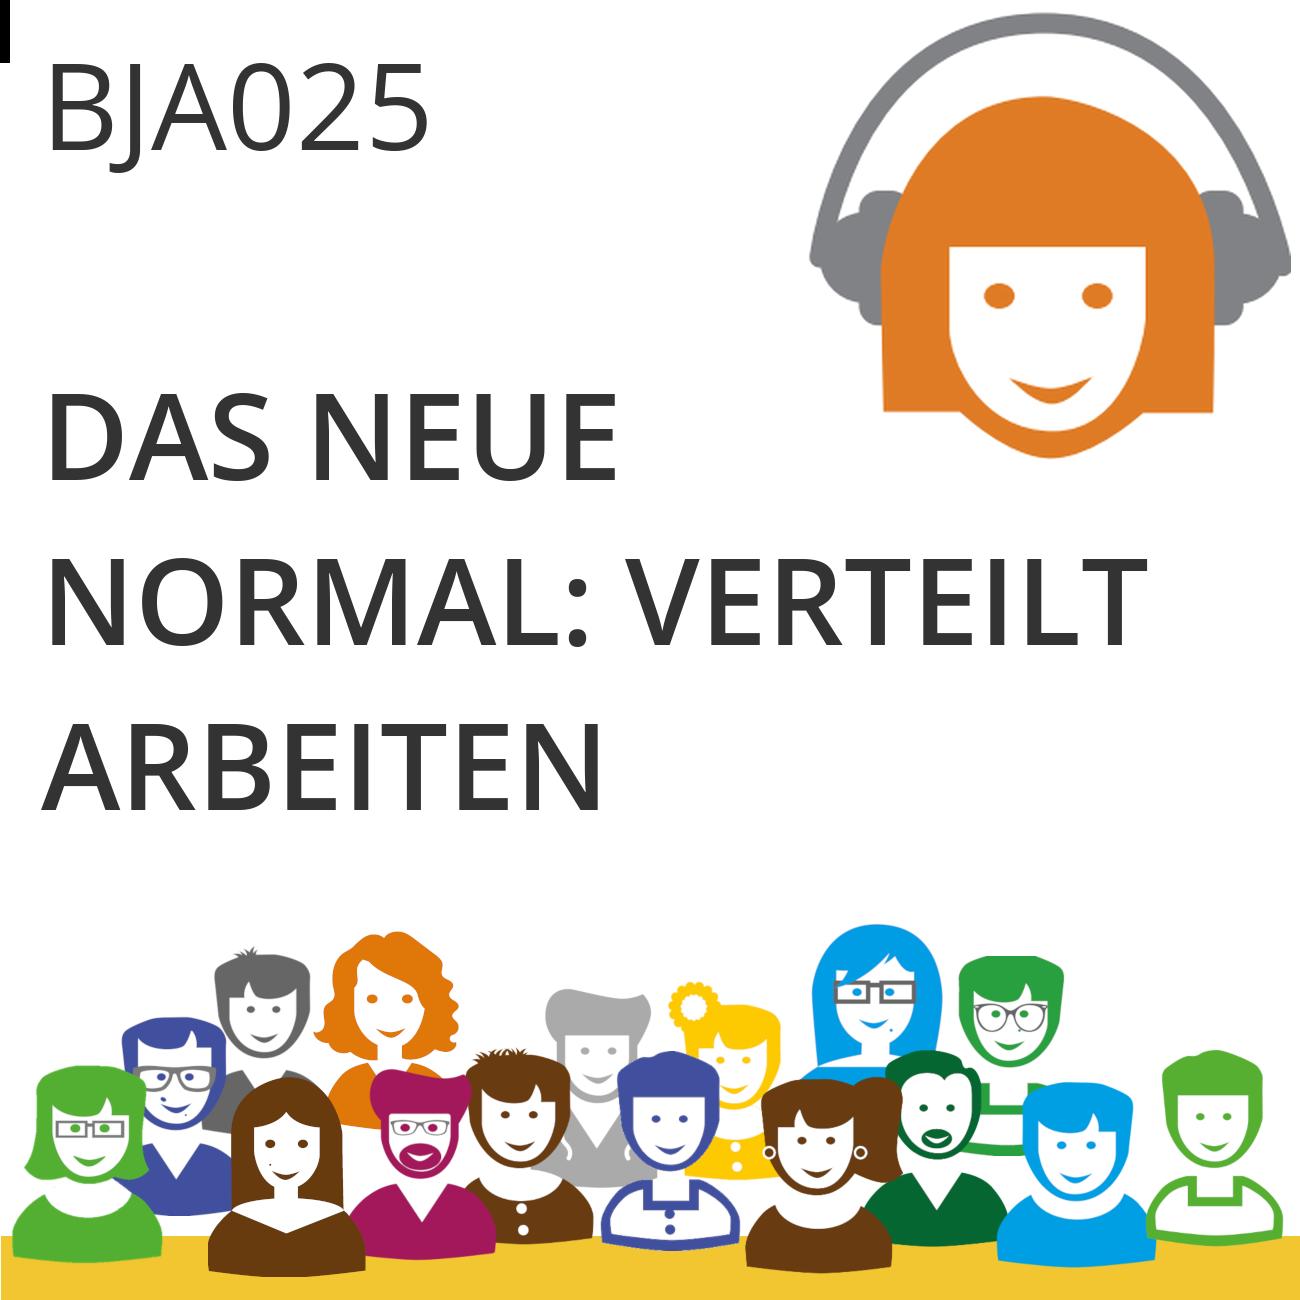 BJA 025 | Das neue Normal: verteilt arbeiten